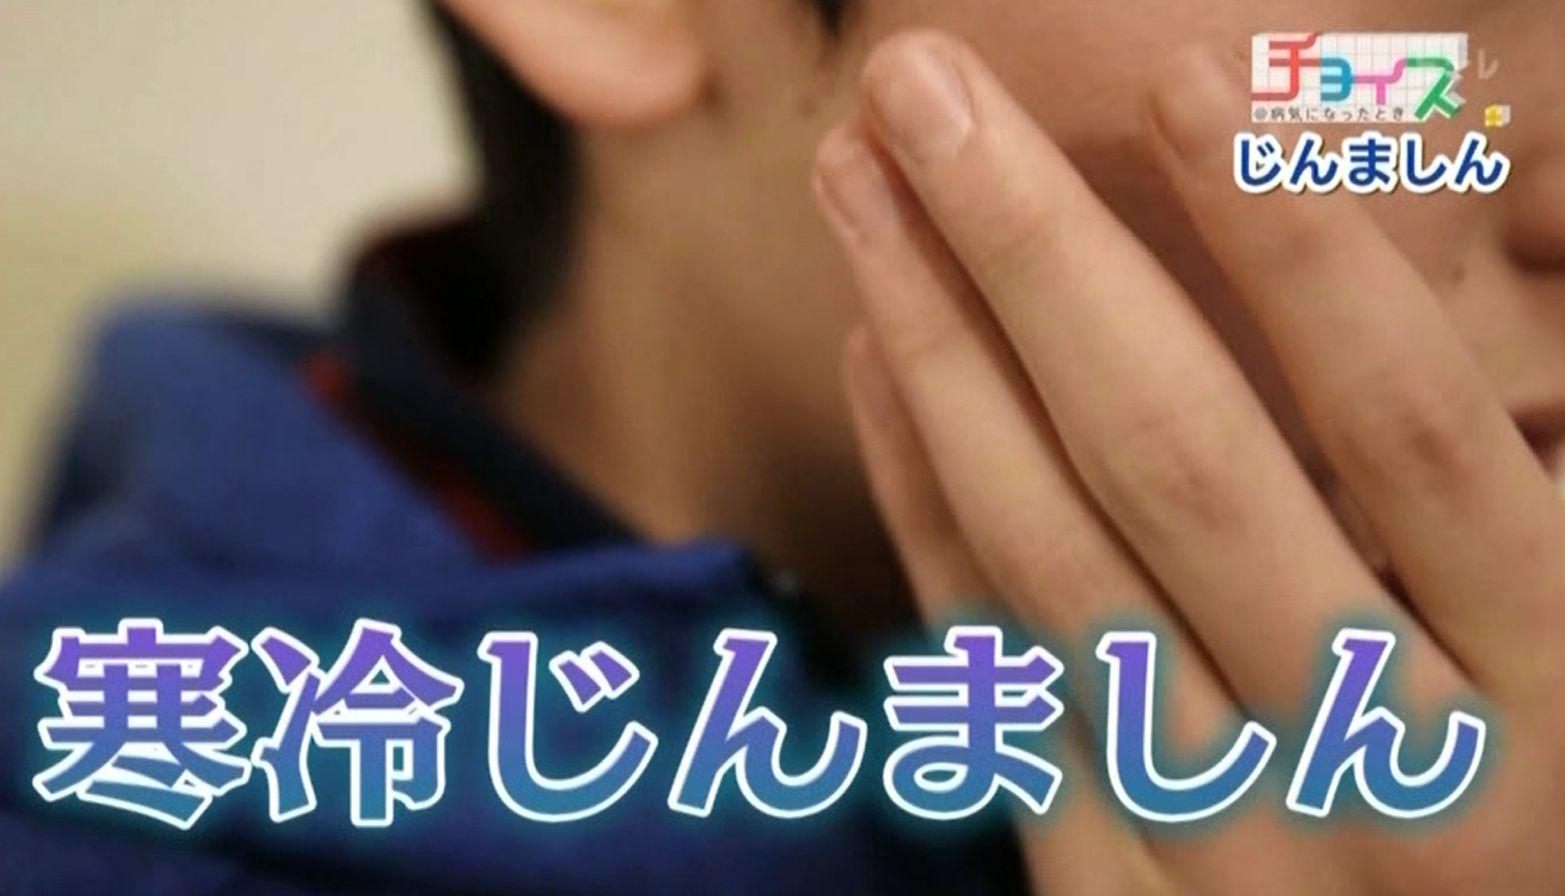 山田さんの蕁麻疹の種類は寒冷じんましん